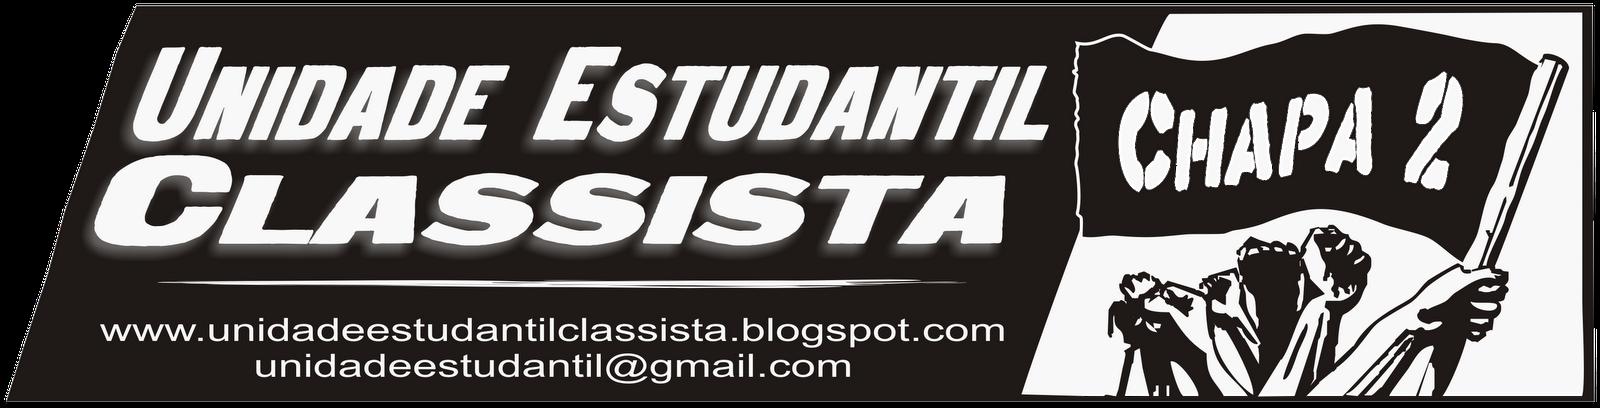 Viva a Unidade Estudantil Classista     -    Chapa nº 02